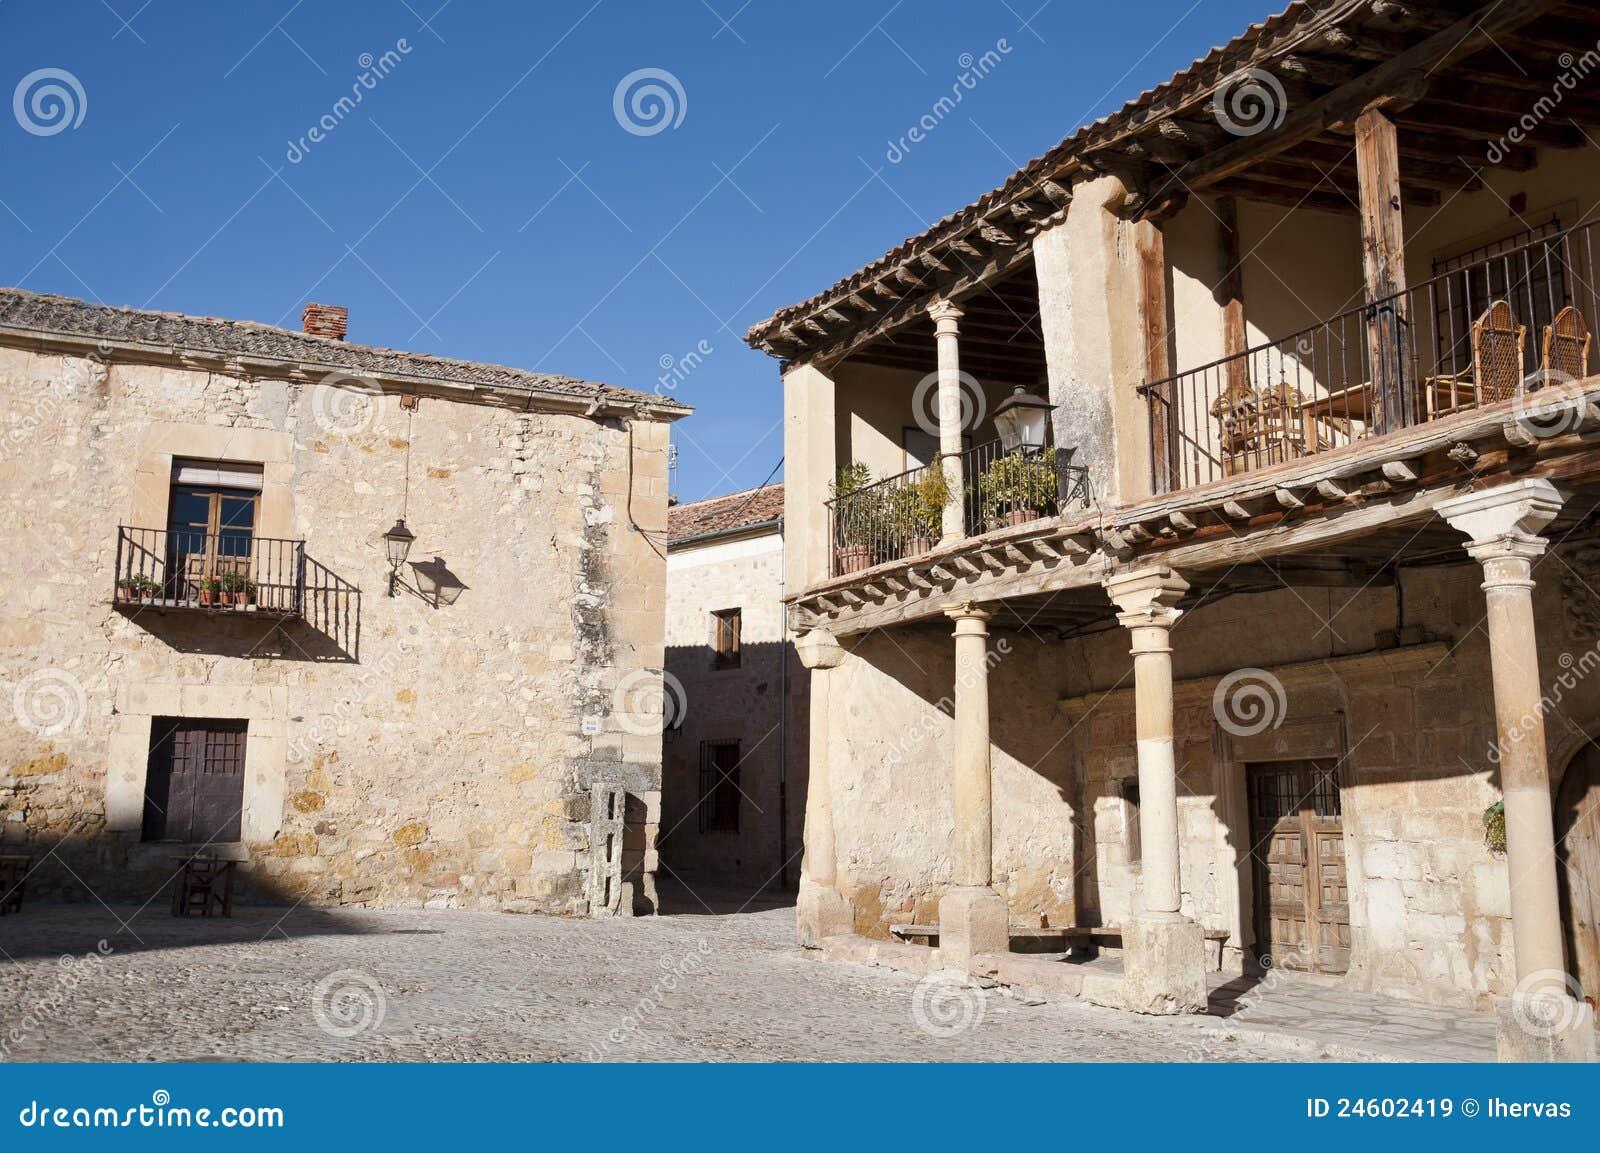 Casas antiguas awesome casas antiguas en baioterreno m ed - Decoracion de casas antiguas ...